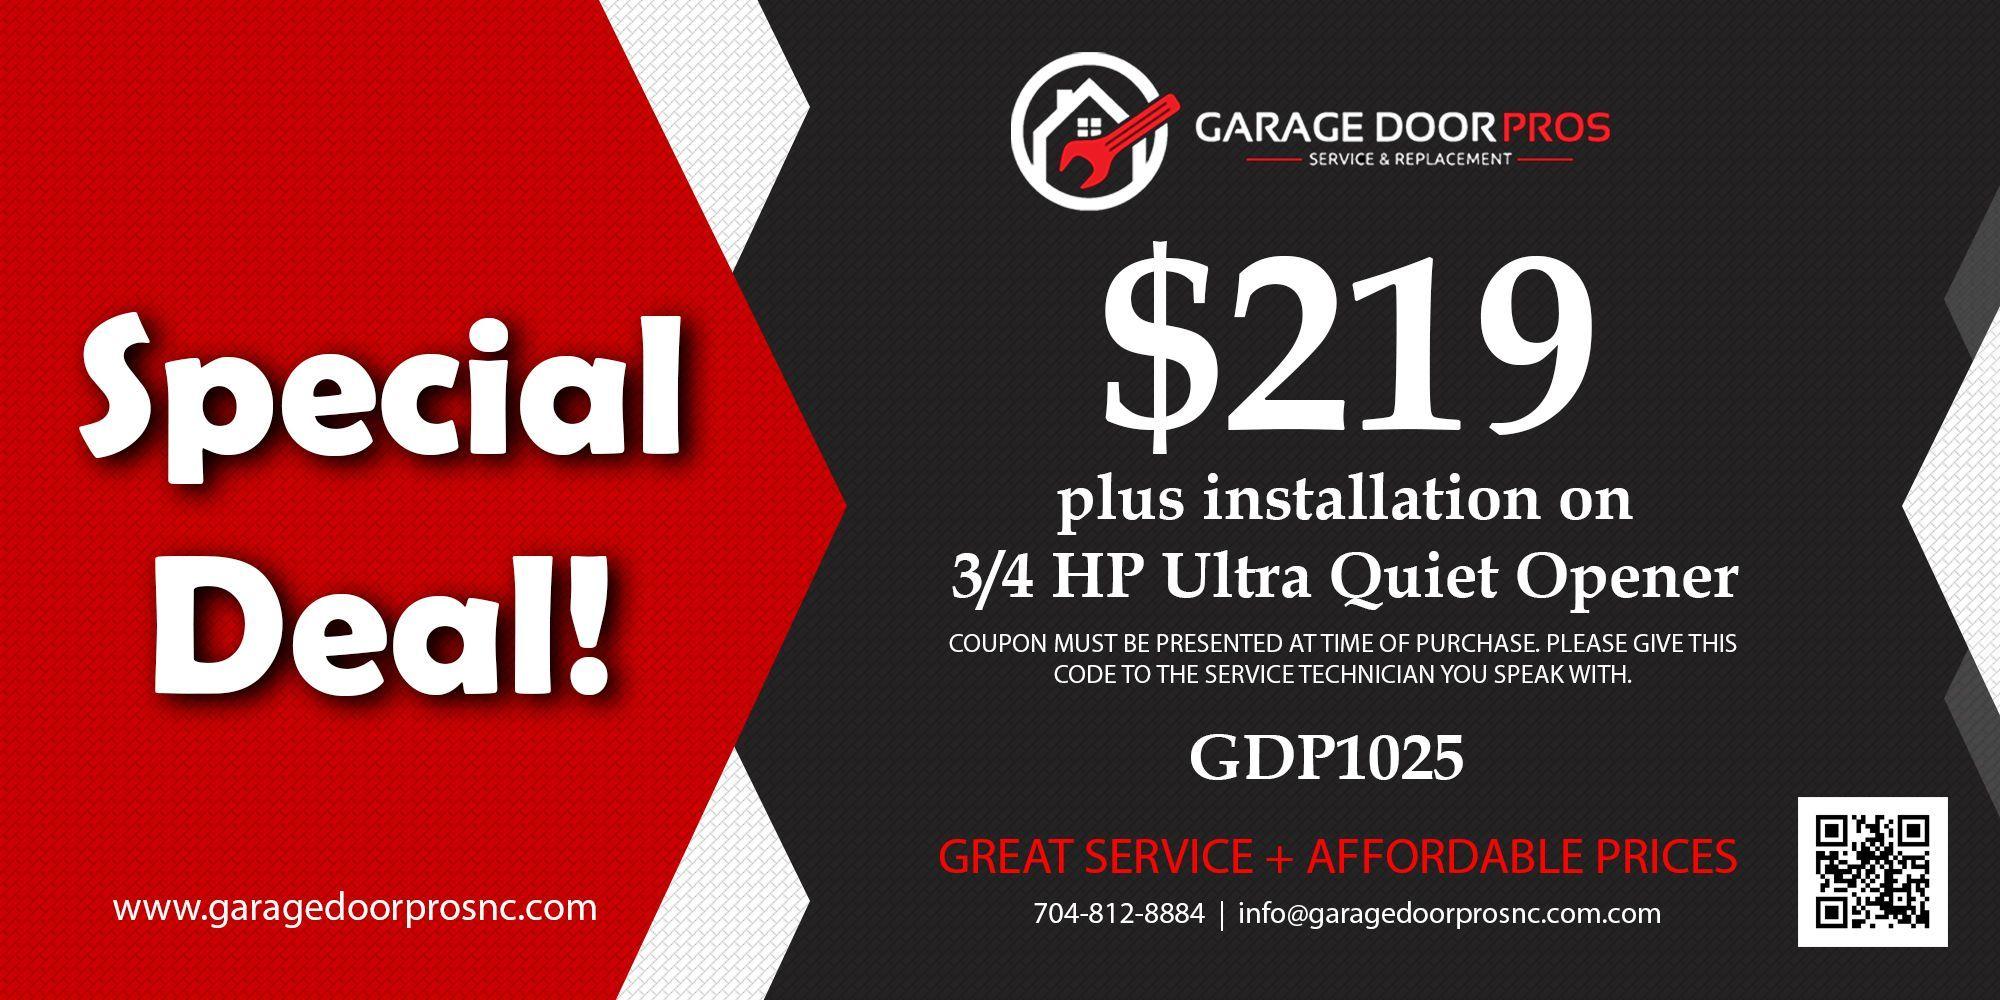 Garage Openers With Images Garage Service Door Garage Door Opener Repair Garage Door Problems